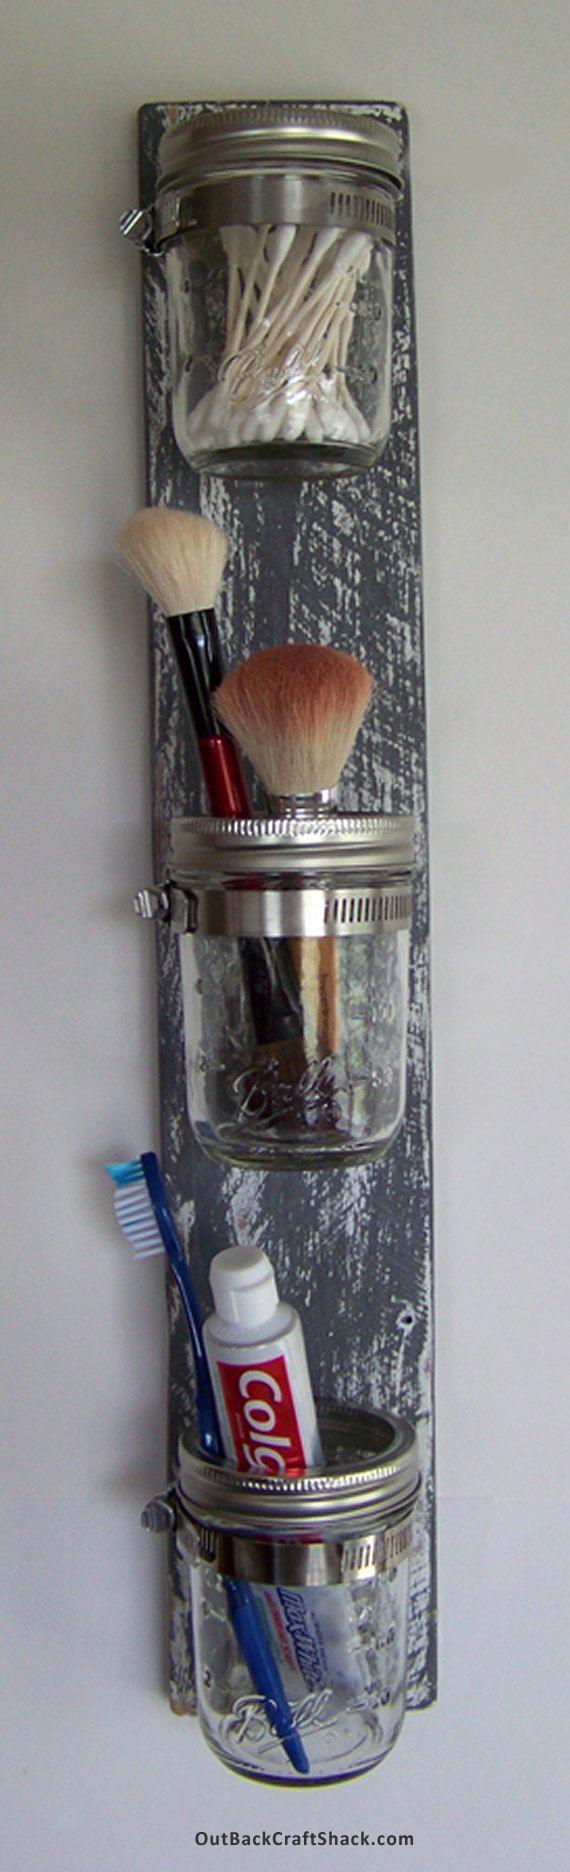 Mason Jar Decor: Bathroom Organizer 3 Jars by OutBackCraftShack